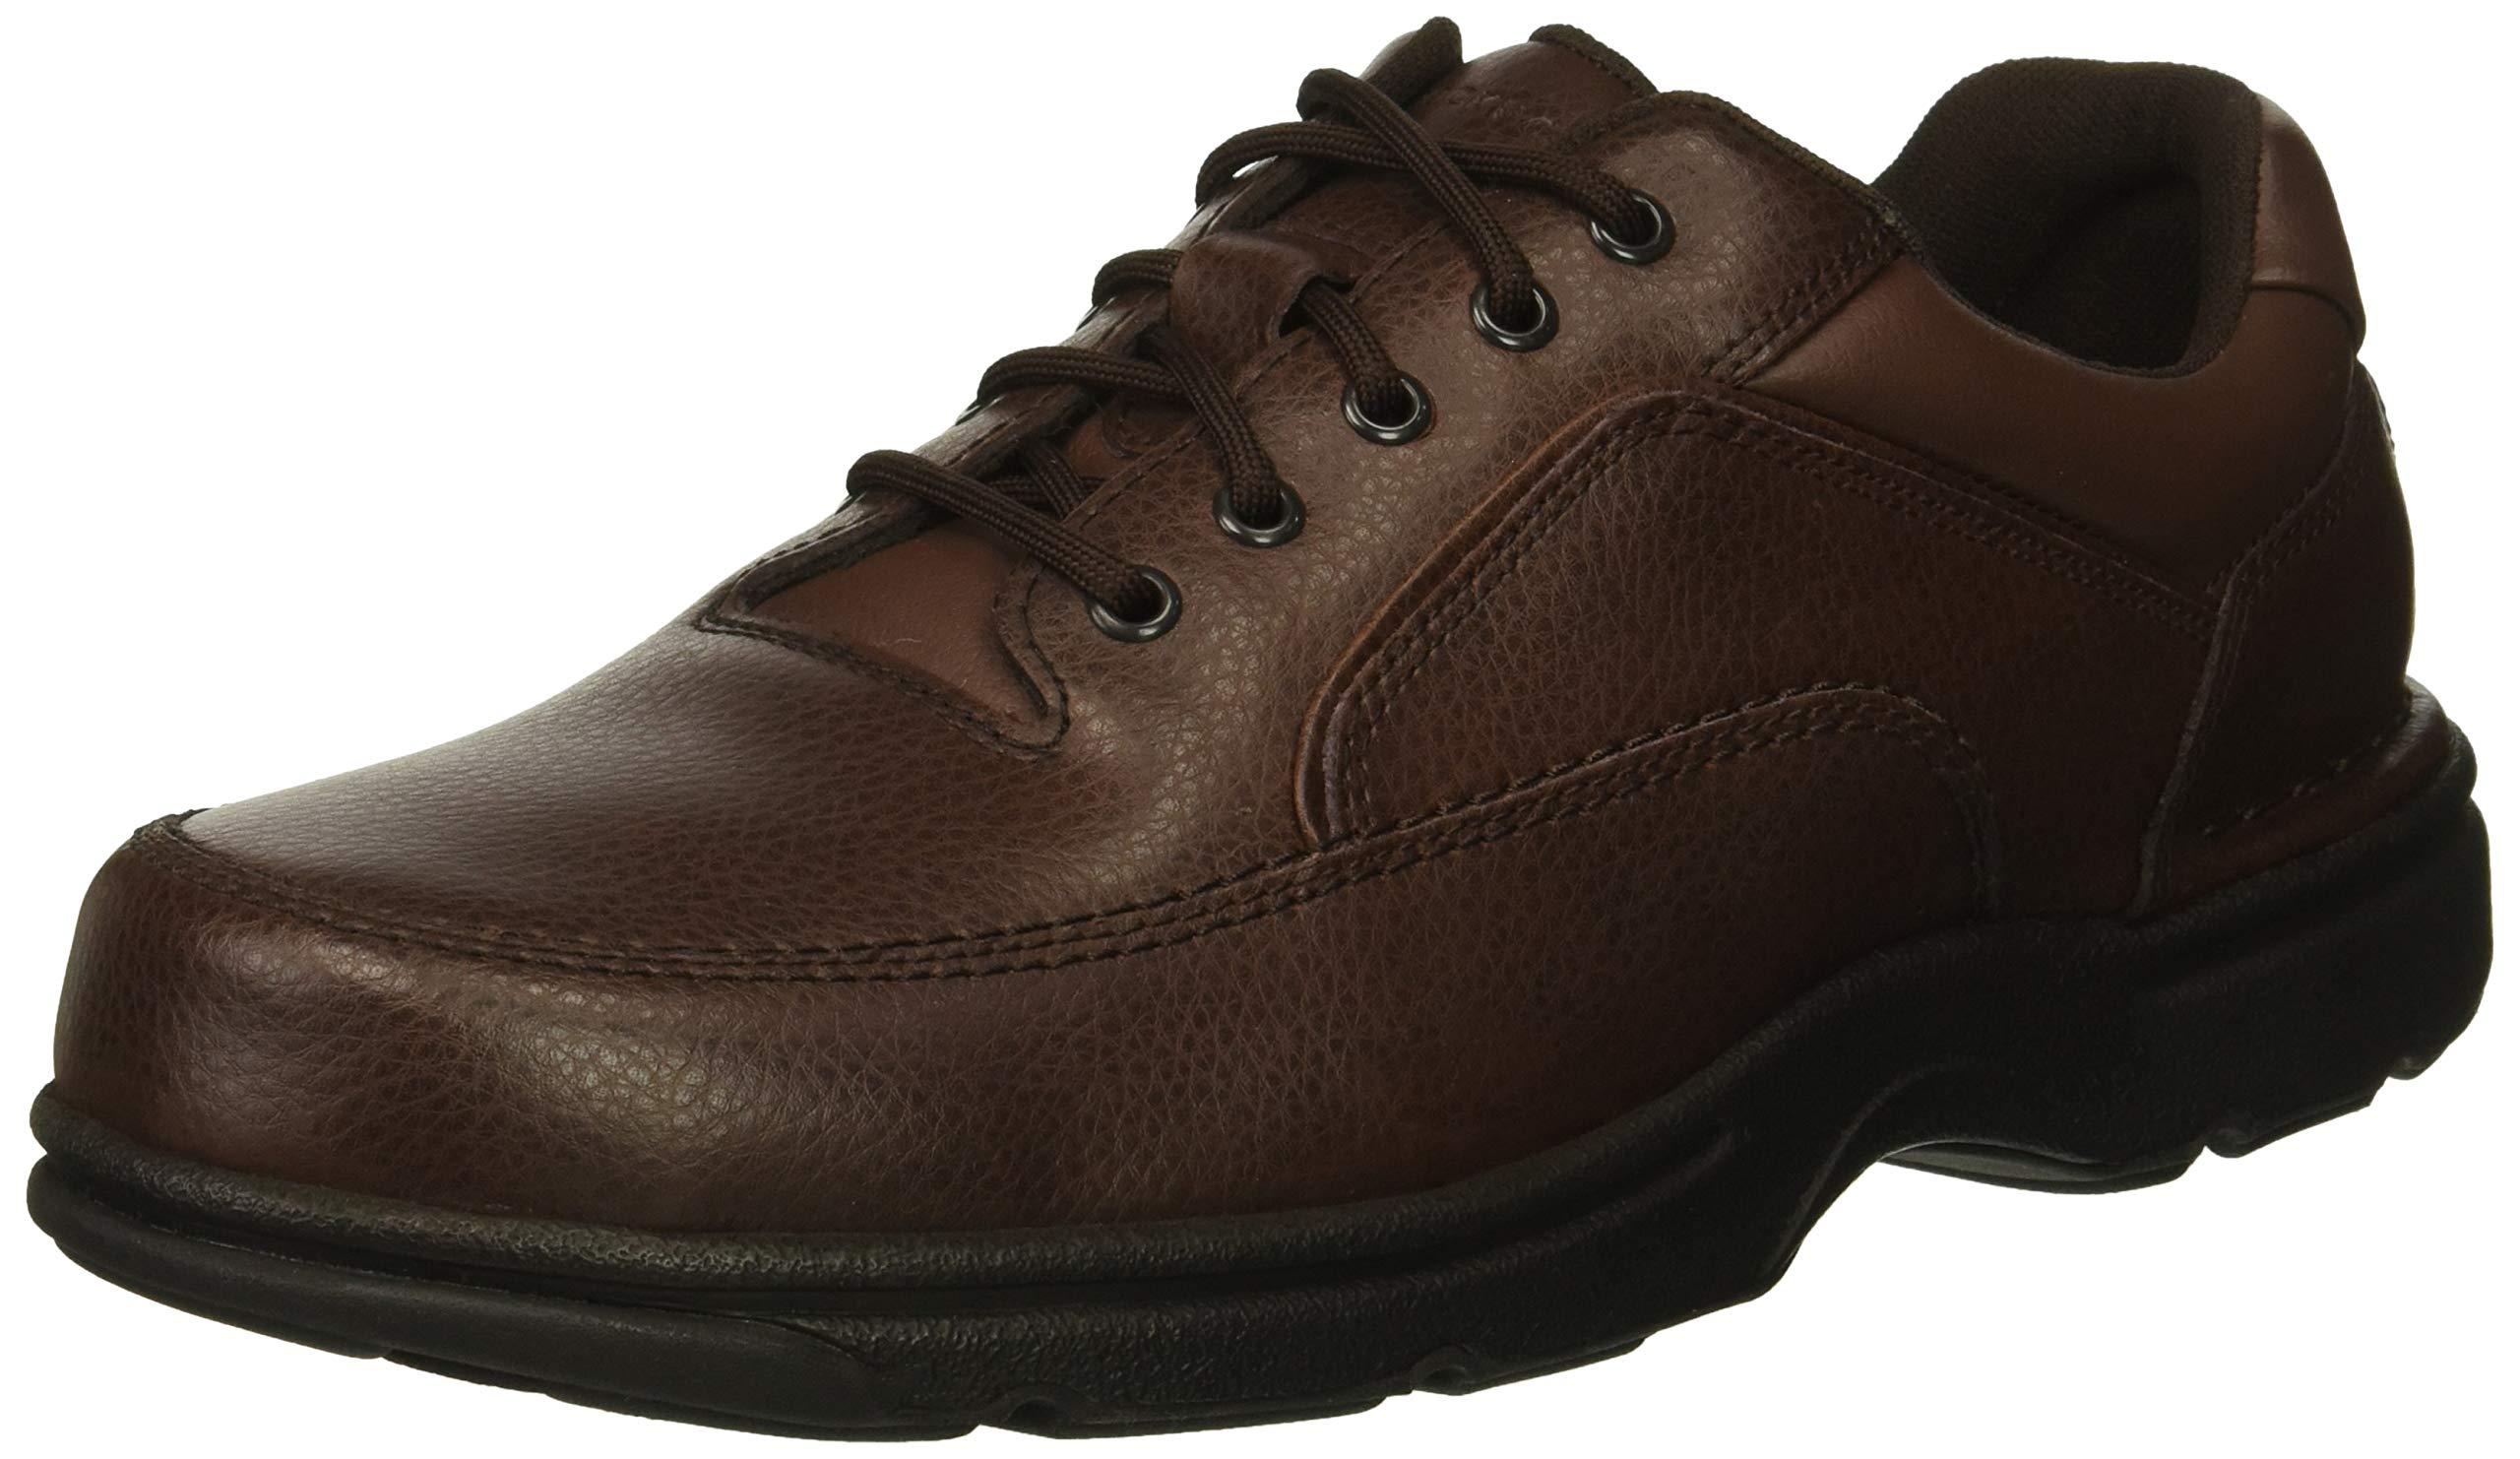 Rockport Men's Eureka Walking Shoe, Brown, 10 D(M) US by Rockport